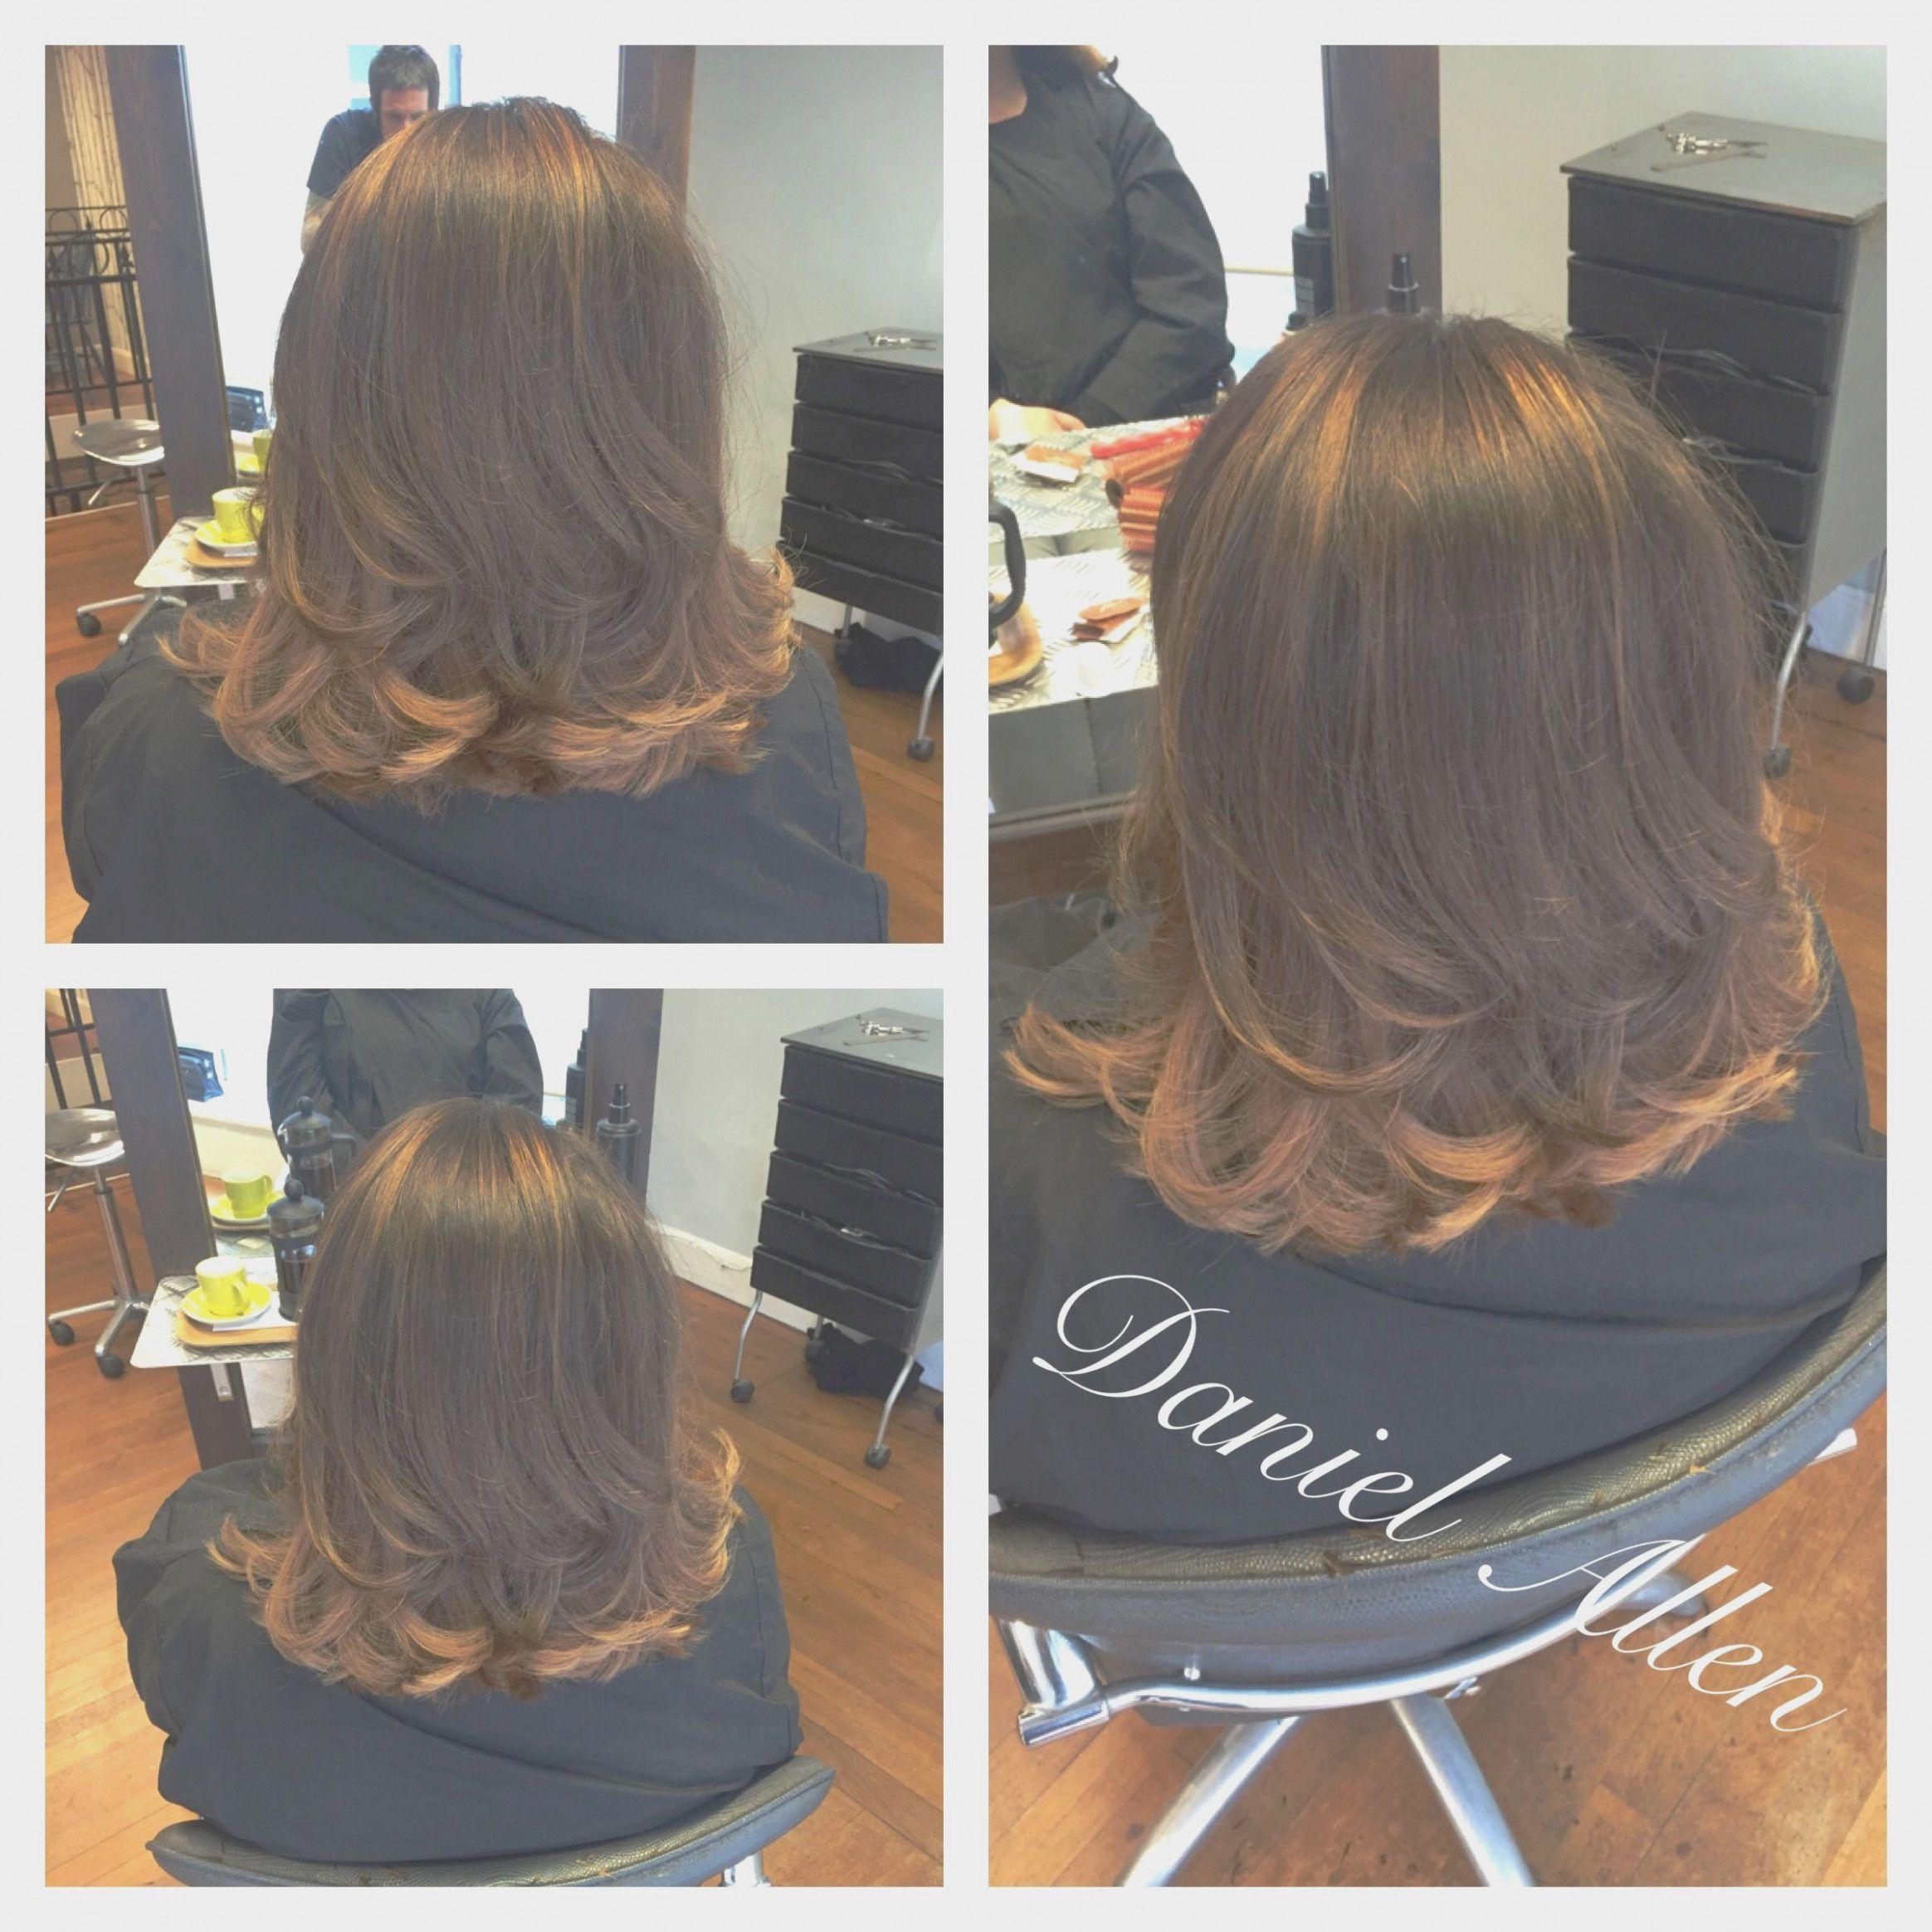 Grunner Til At Hair Cuttery Haircut Blir Mer Populaert I Det Siste Tiaret Har Skjonnhet Harklipp Frisyrer